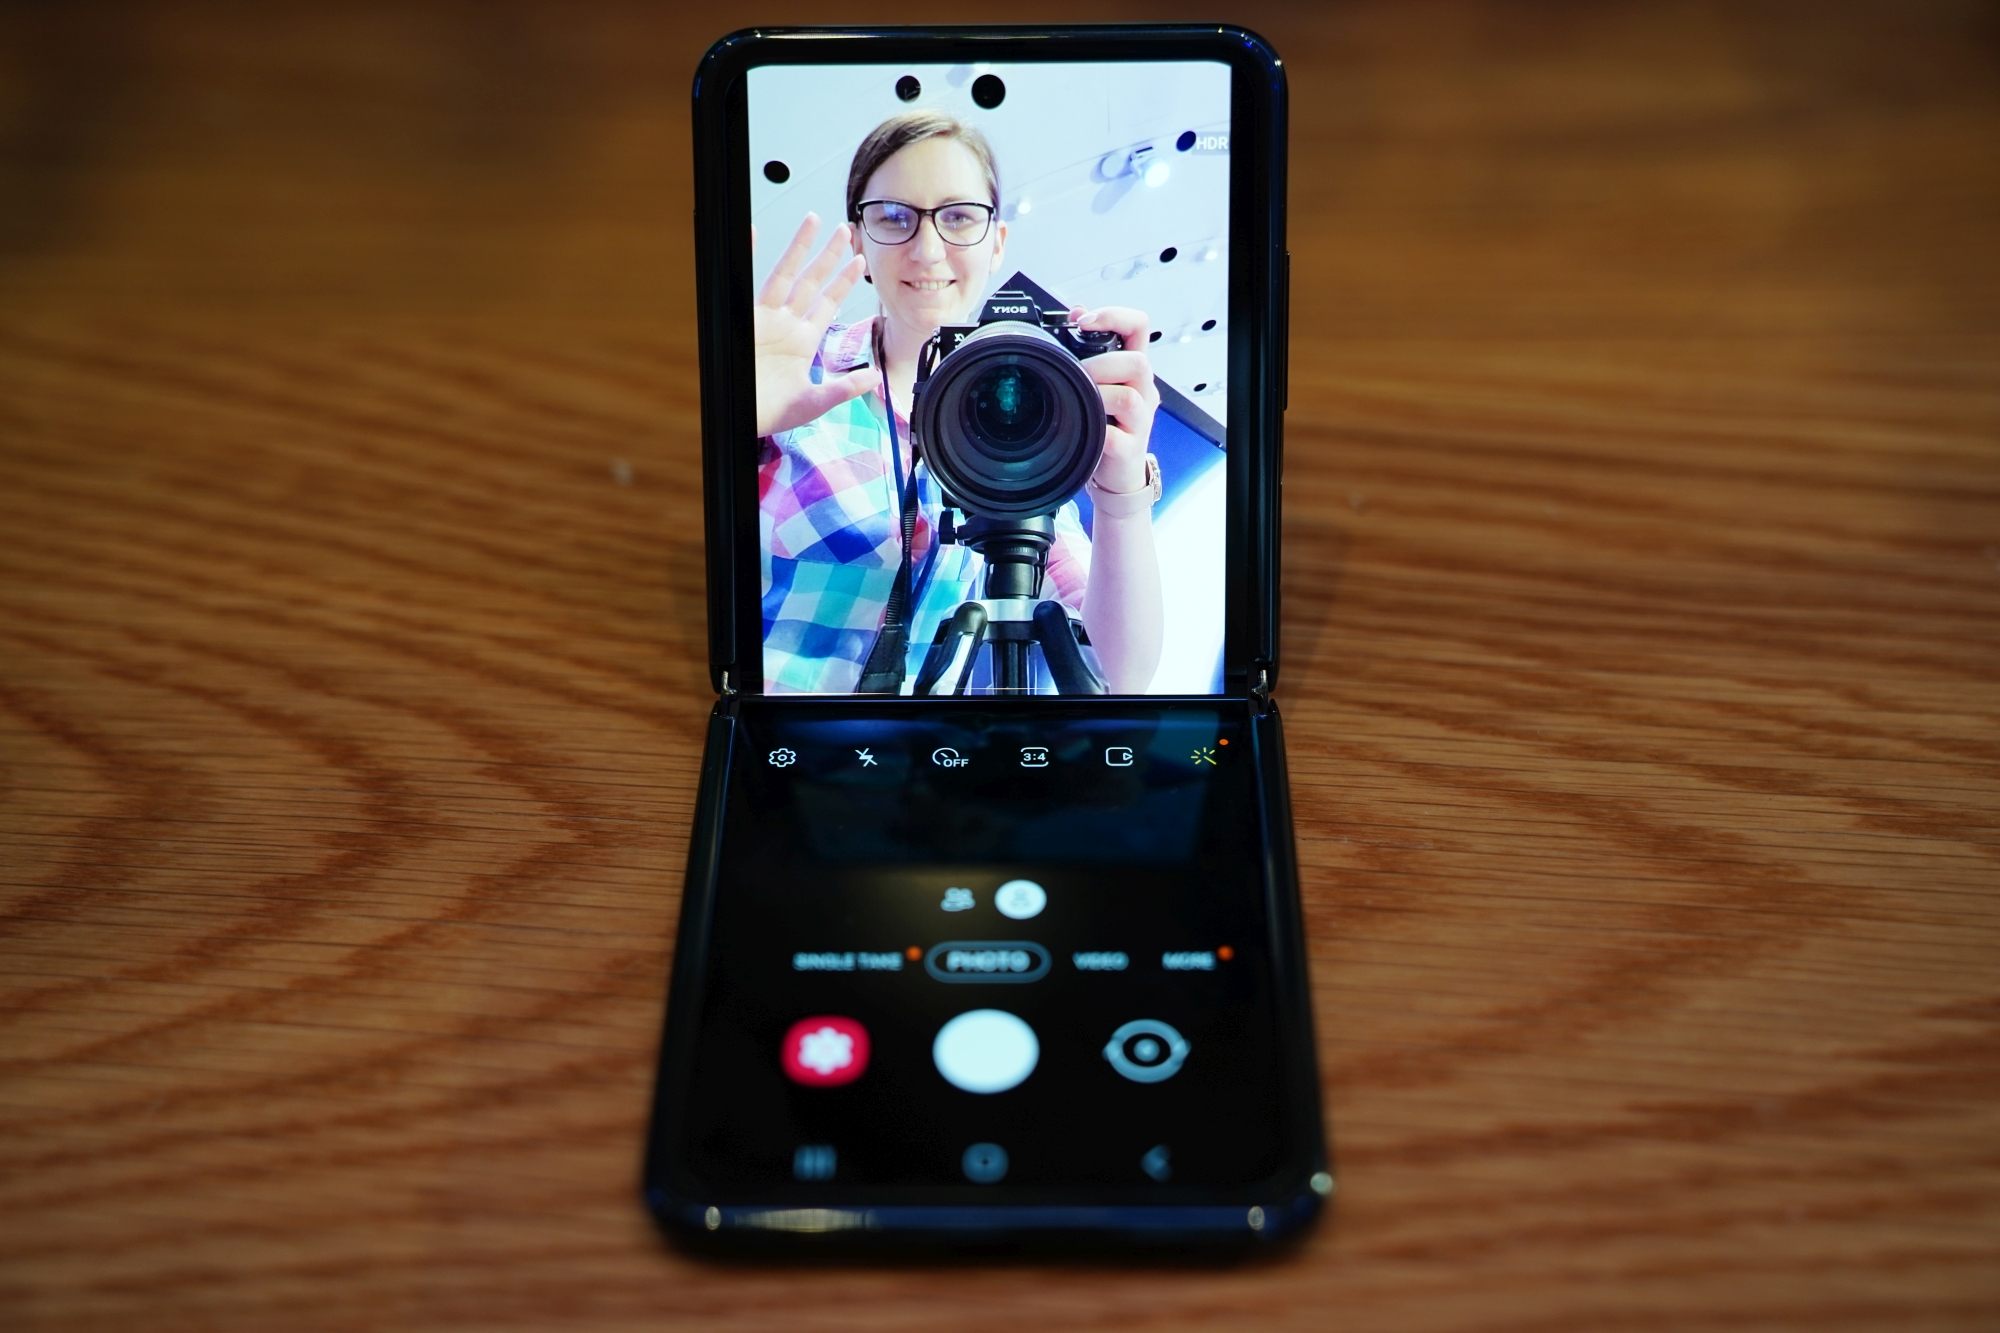 Szukam małego smartfona i ze smutkiem stwierdzam, że nie ma w czym wybierać